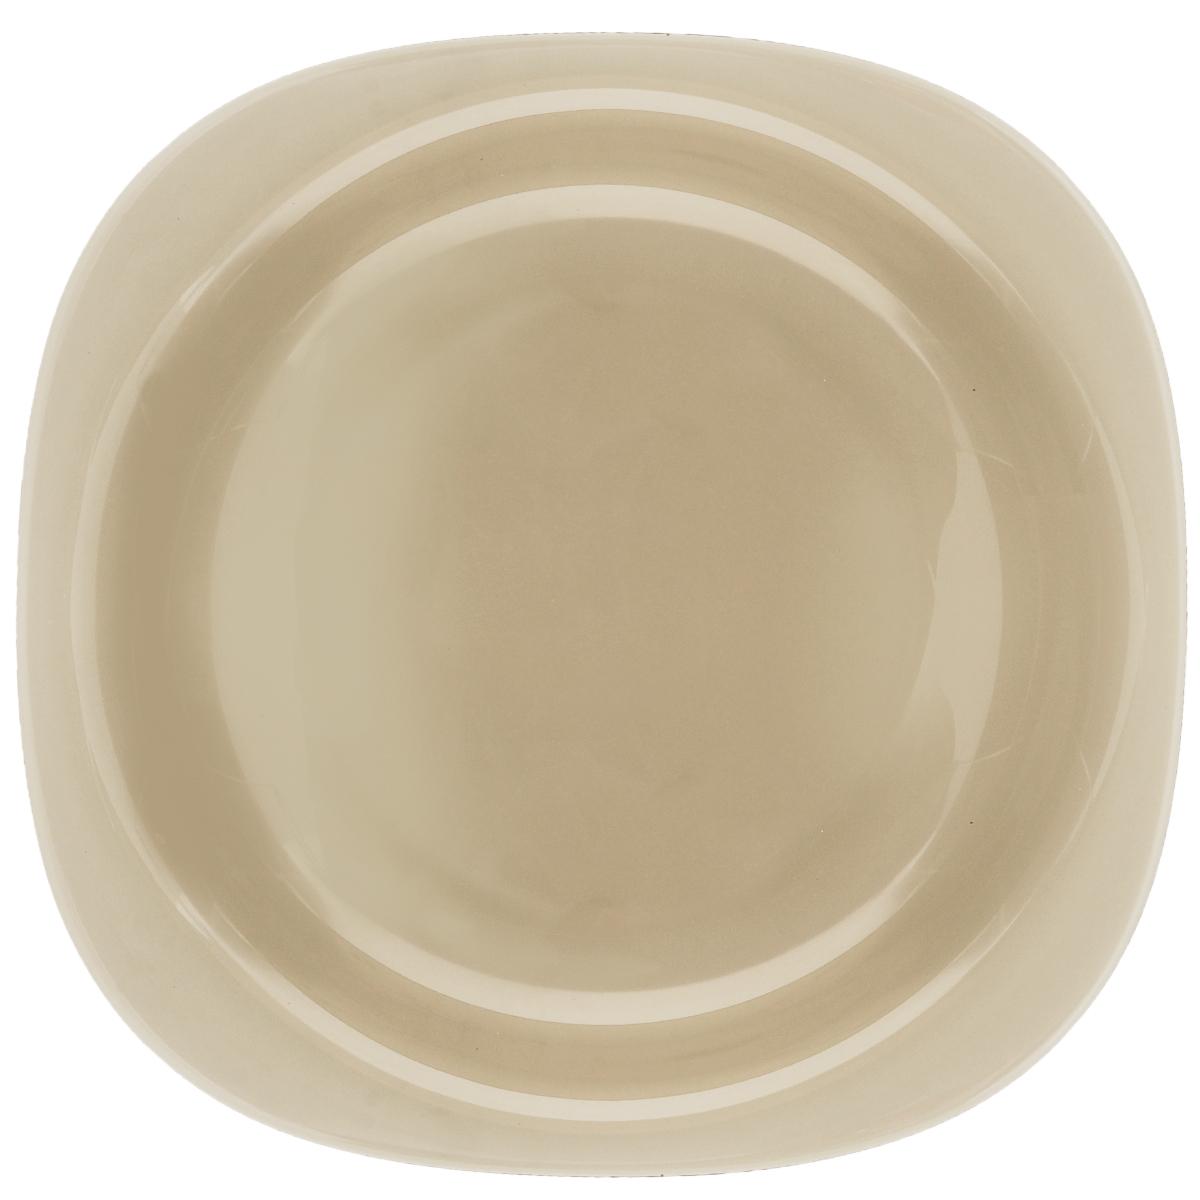 Тарелка глубокая Luminarc Carine Eclipse, 21 х 21 смH0395Глубокая тарелка Luminarc Carine Eclipse выполнена из ударопрочного стекла и оформлена в классическом стиле. Изделие сочетает в себе изысканный дизайн с максимальной функциональностью. Она прекрасно впишется в интерьер вашей кухни и станет достойным дополнением к кухонному инвентарю. Тарелка Luminarc Carine Eclipse подчеркнет прекрасный вкус хозяйки и станет отличным подарком. Размер (по верхнему краю): 21 х 21 см.